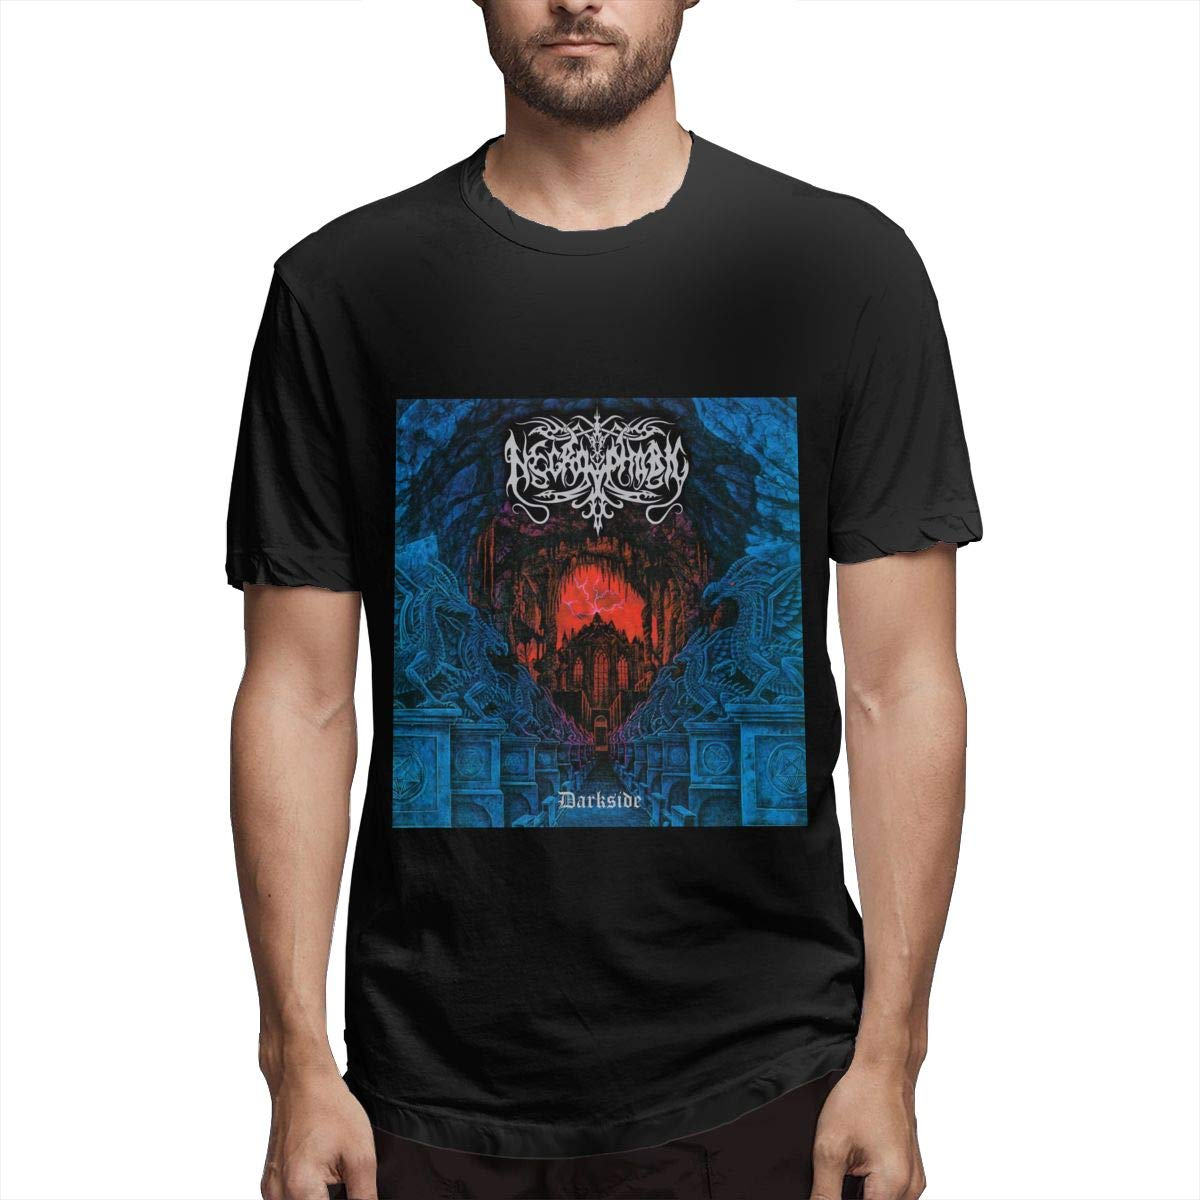 Lihehen Darkside Round Neck Shirt